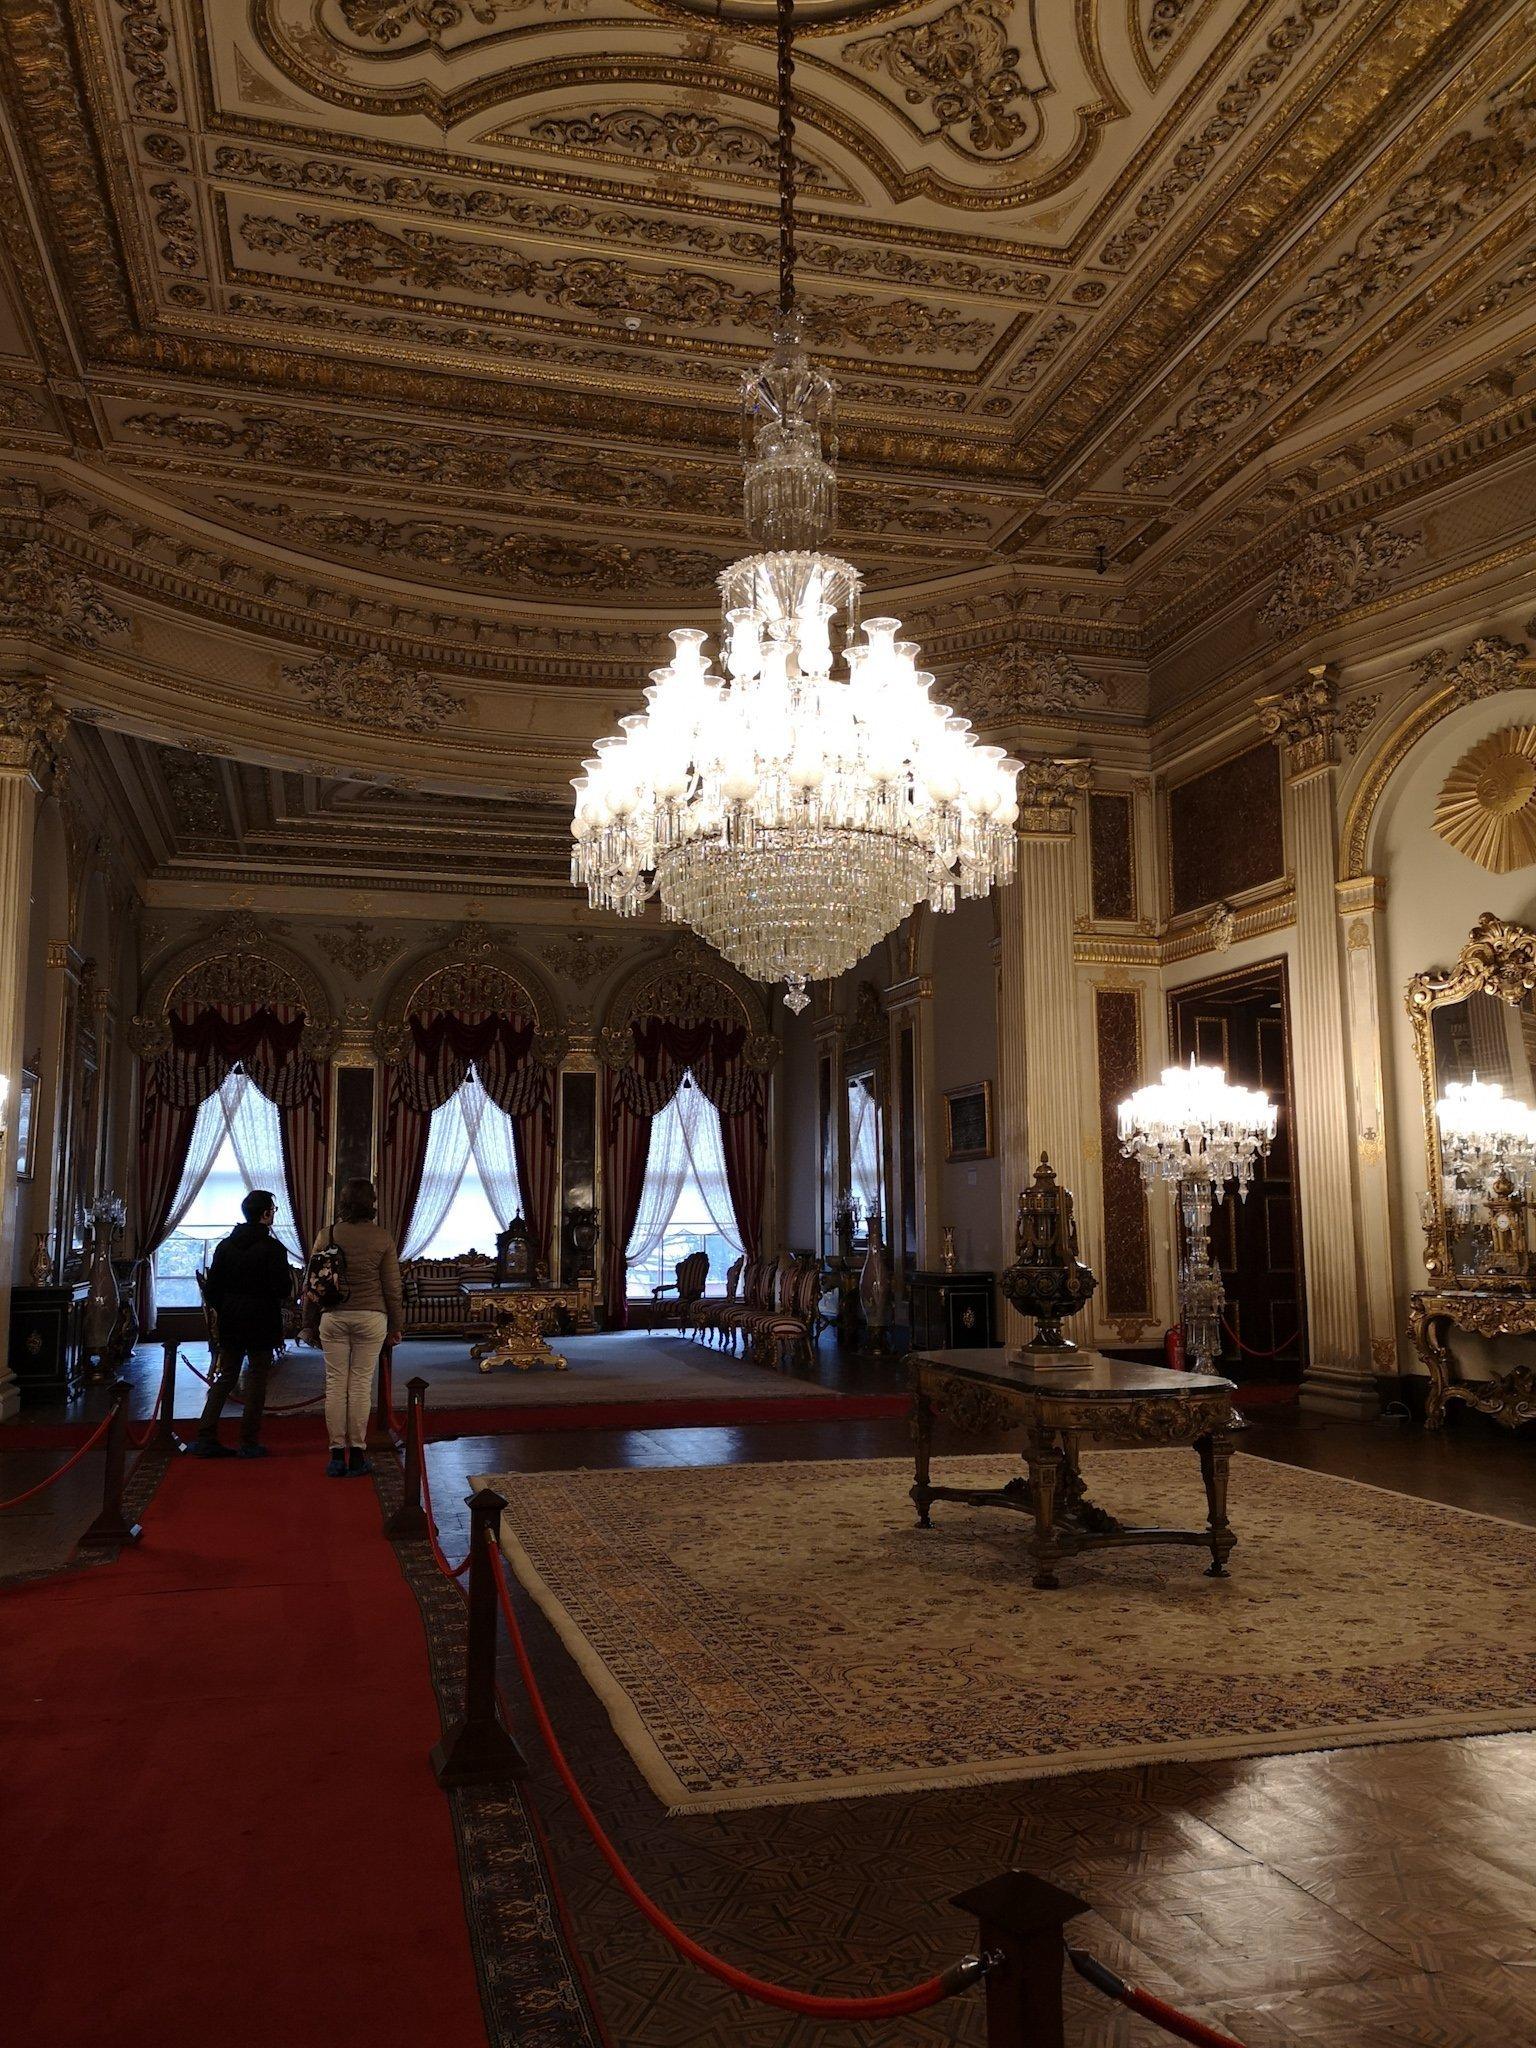 Inside Dolmabahçe Palace